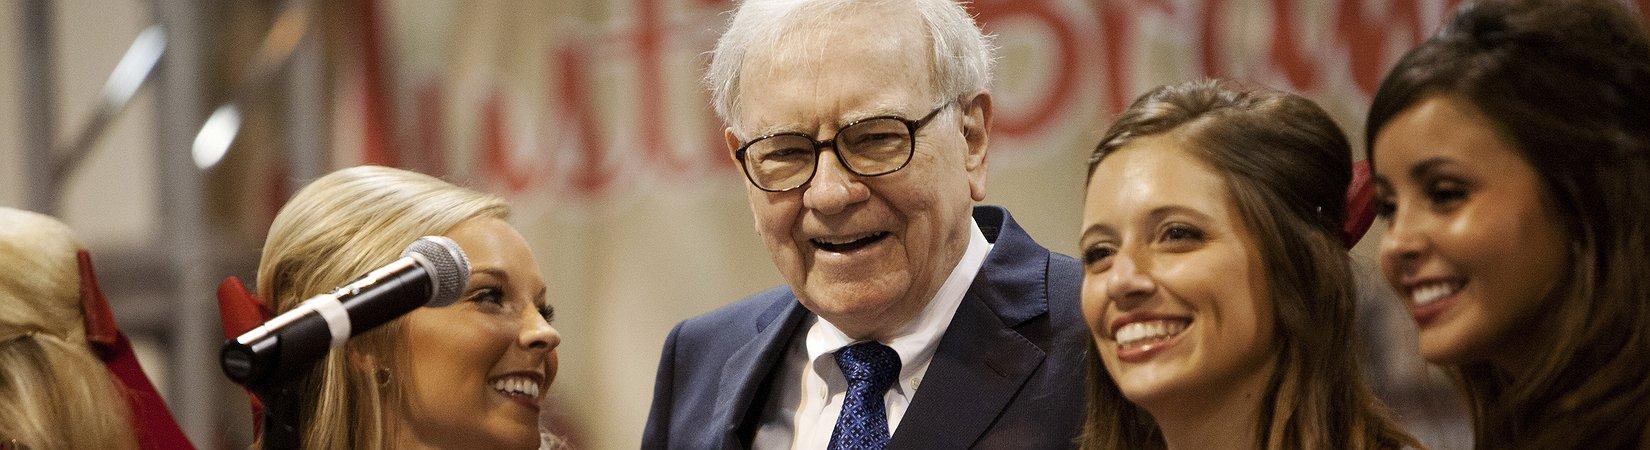 Warren Buffett: Dentro de 100 años, el índice Dow Jones superará el 1.000.000 de puntos